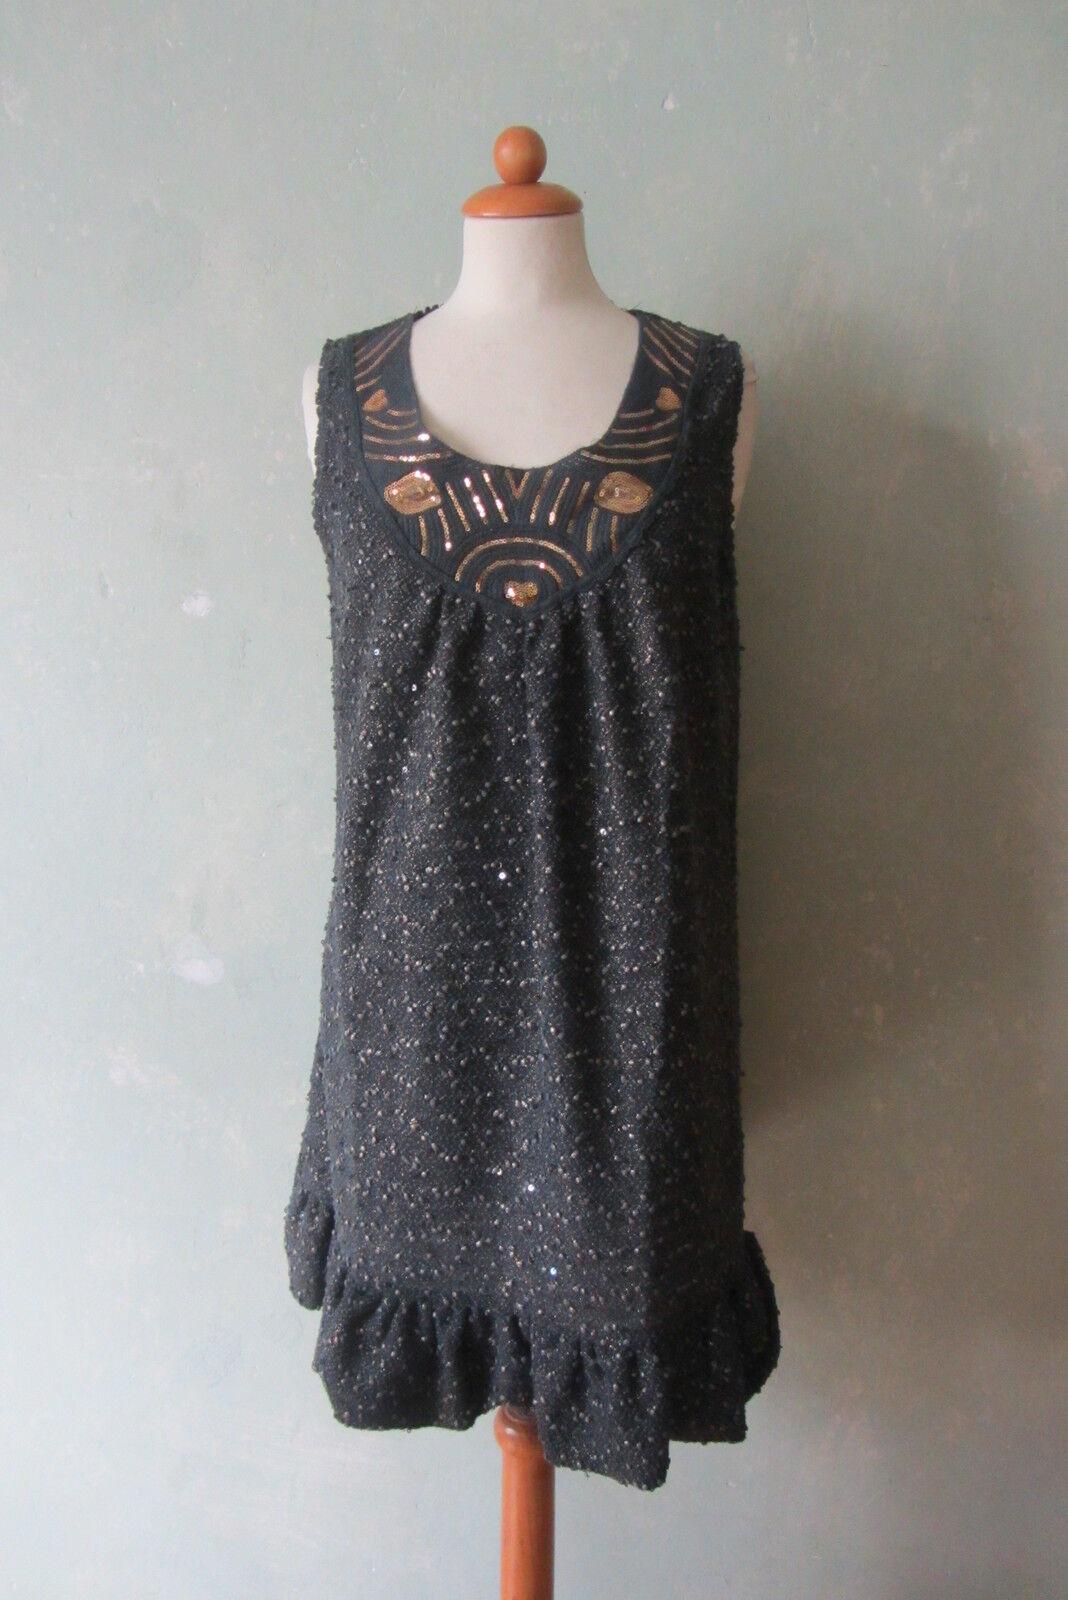 YUMI   Kleid Minikleid grau  Pailletten toller Ausschnitt Gr.  38 M   40 L (90)